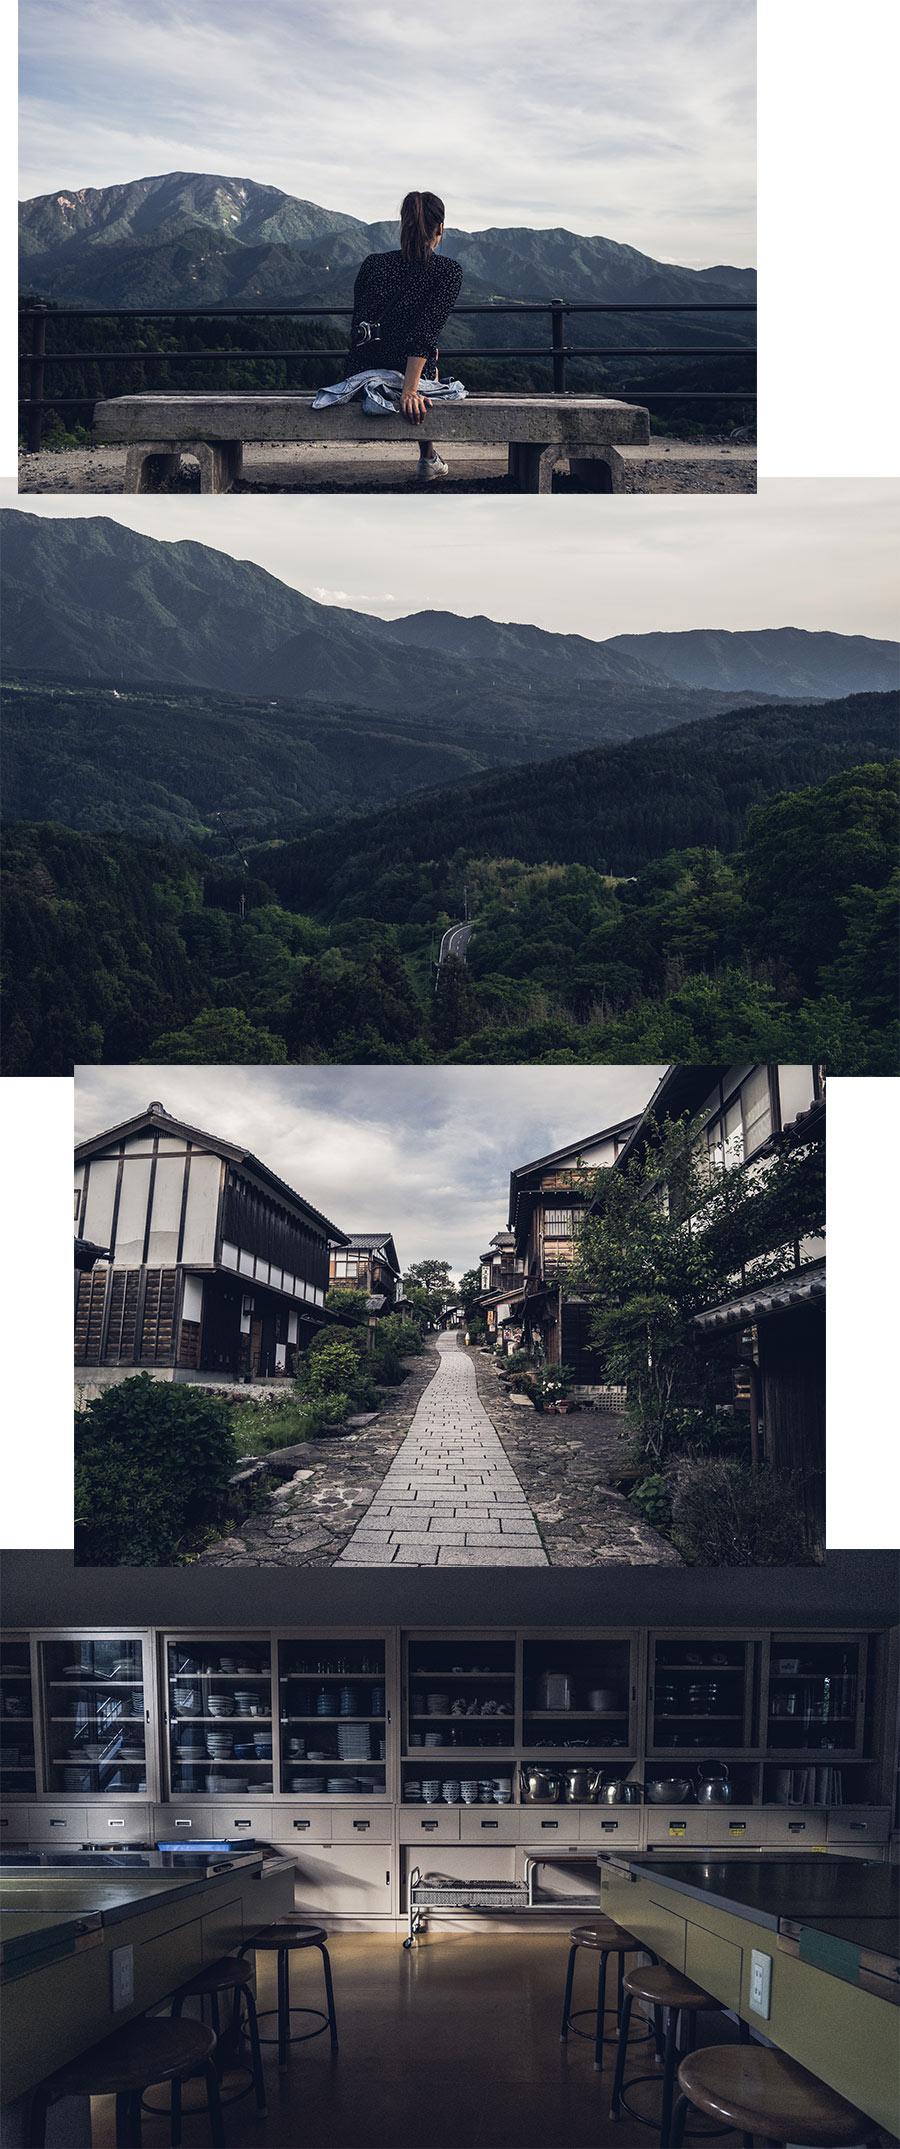 Une soirée à Magome, au coeur des Alpes Japonaises, par Côté Hublot